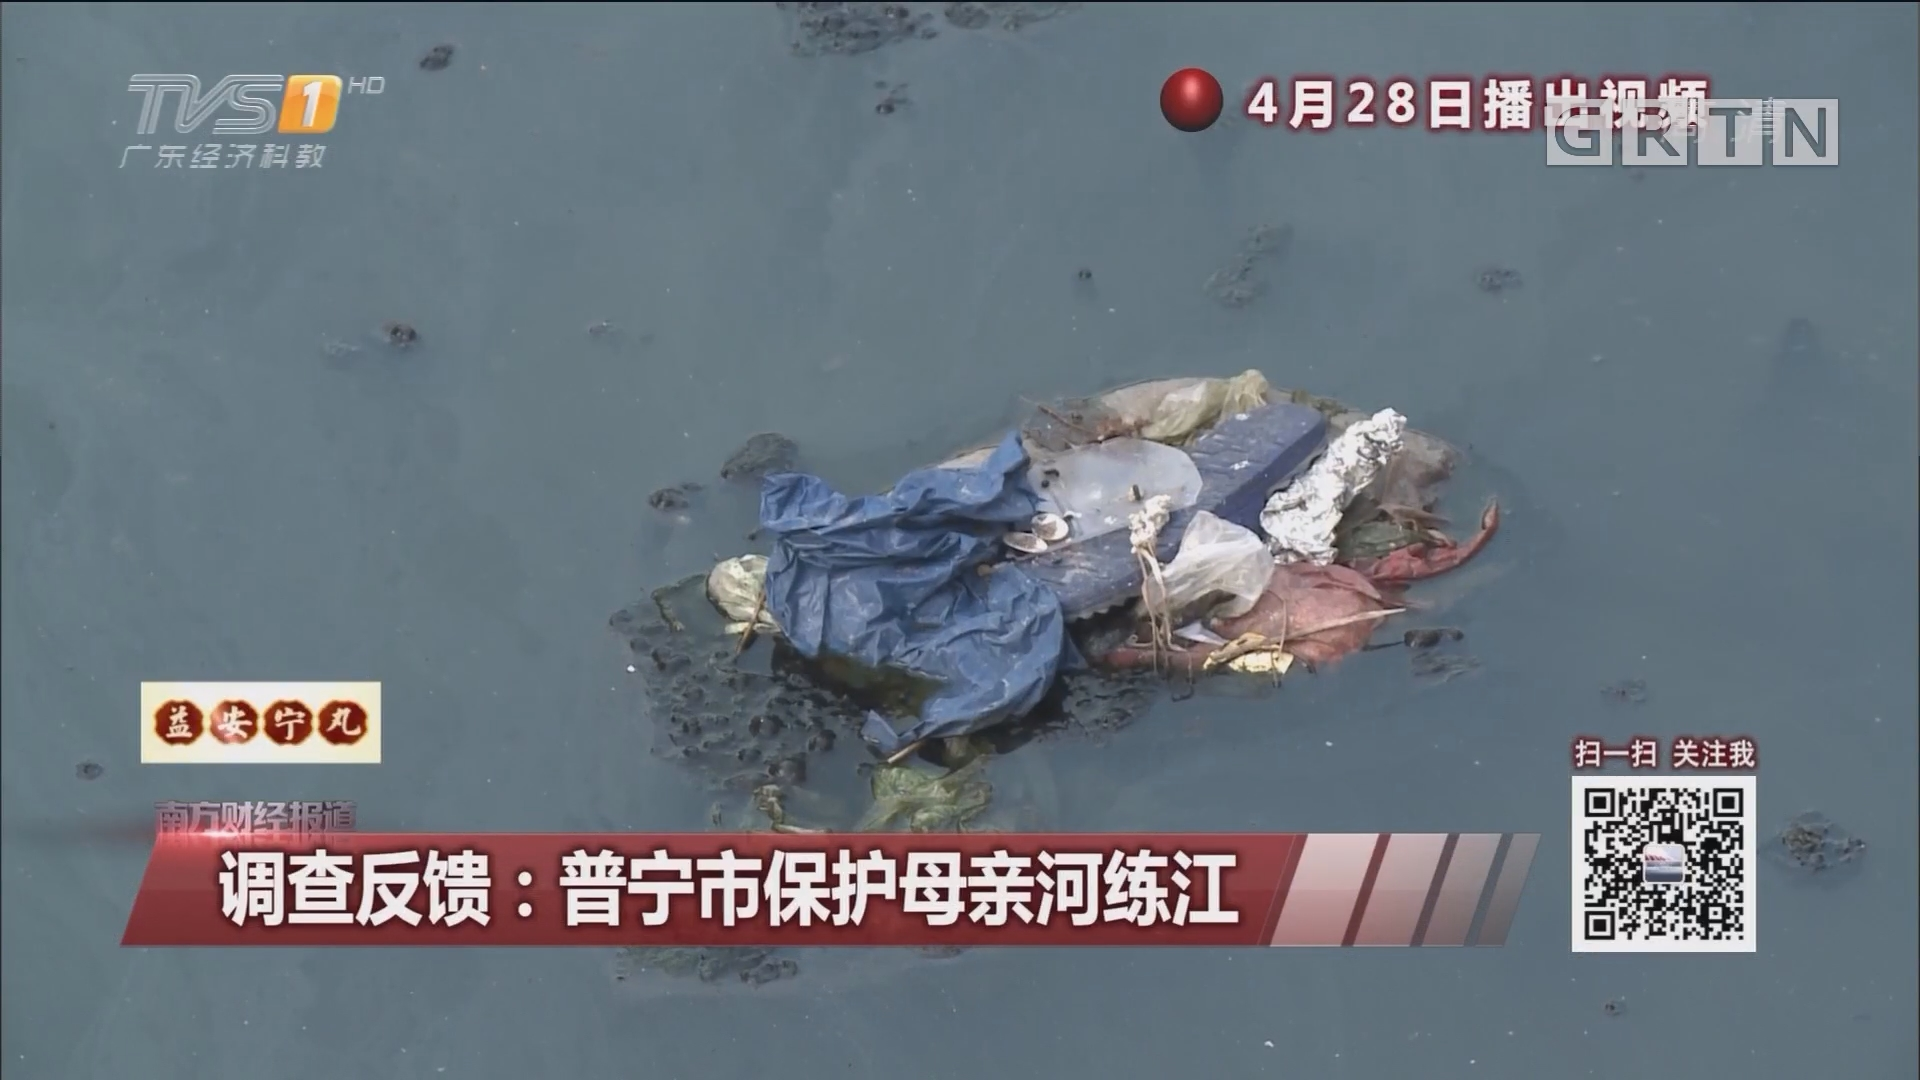 调查反馈:普宁市保护母亲河练江